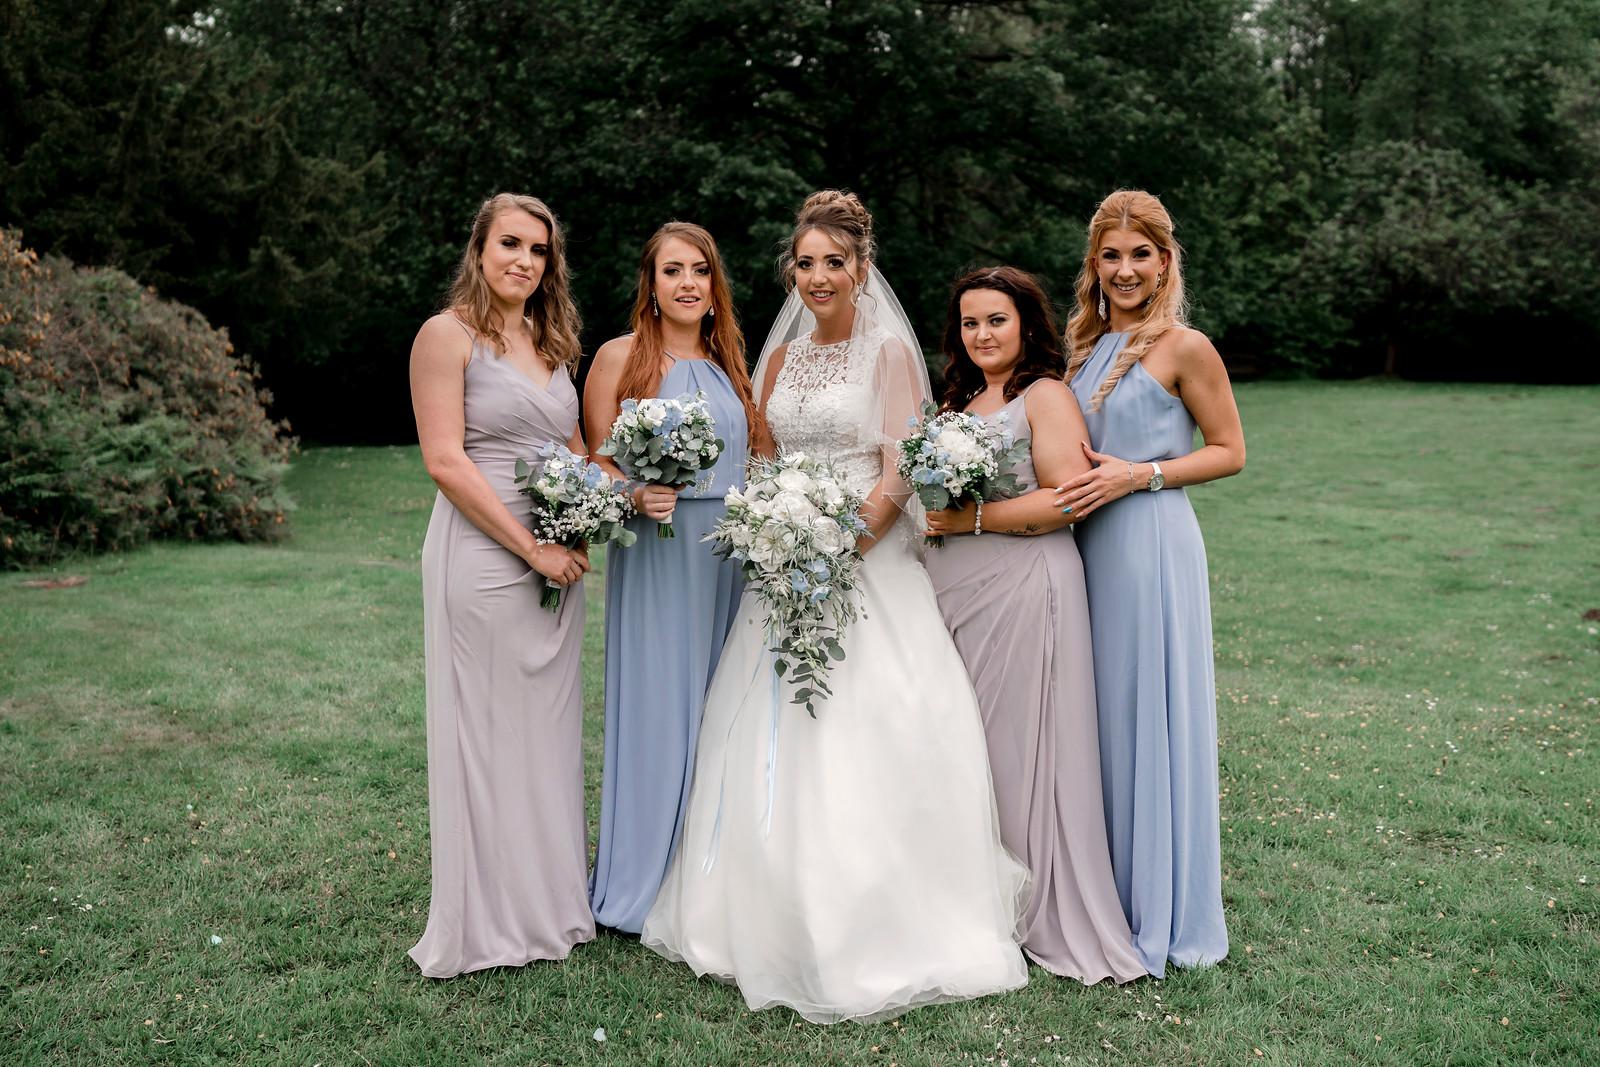 Bride and bridesmaids wedding photo